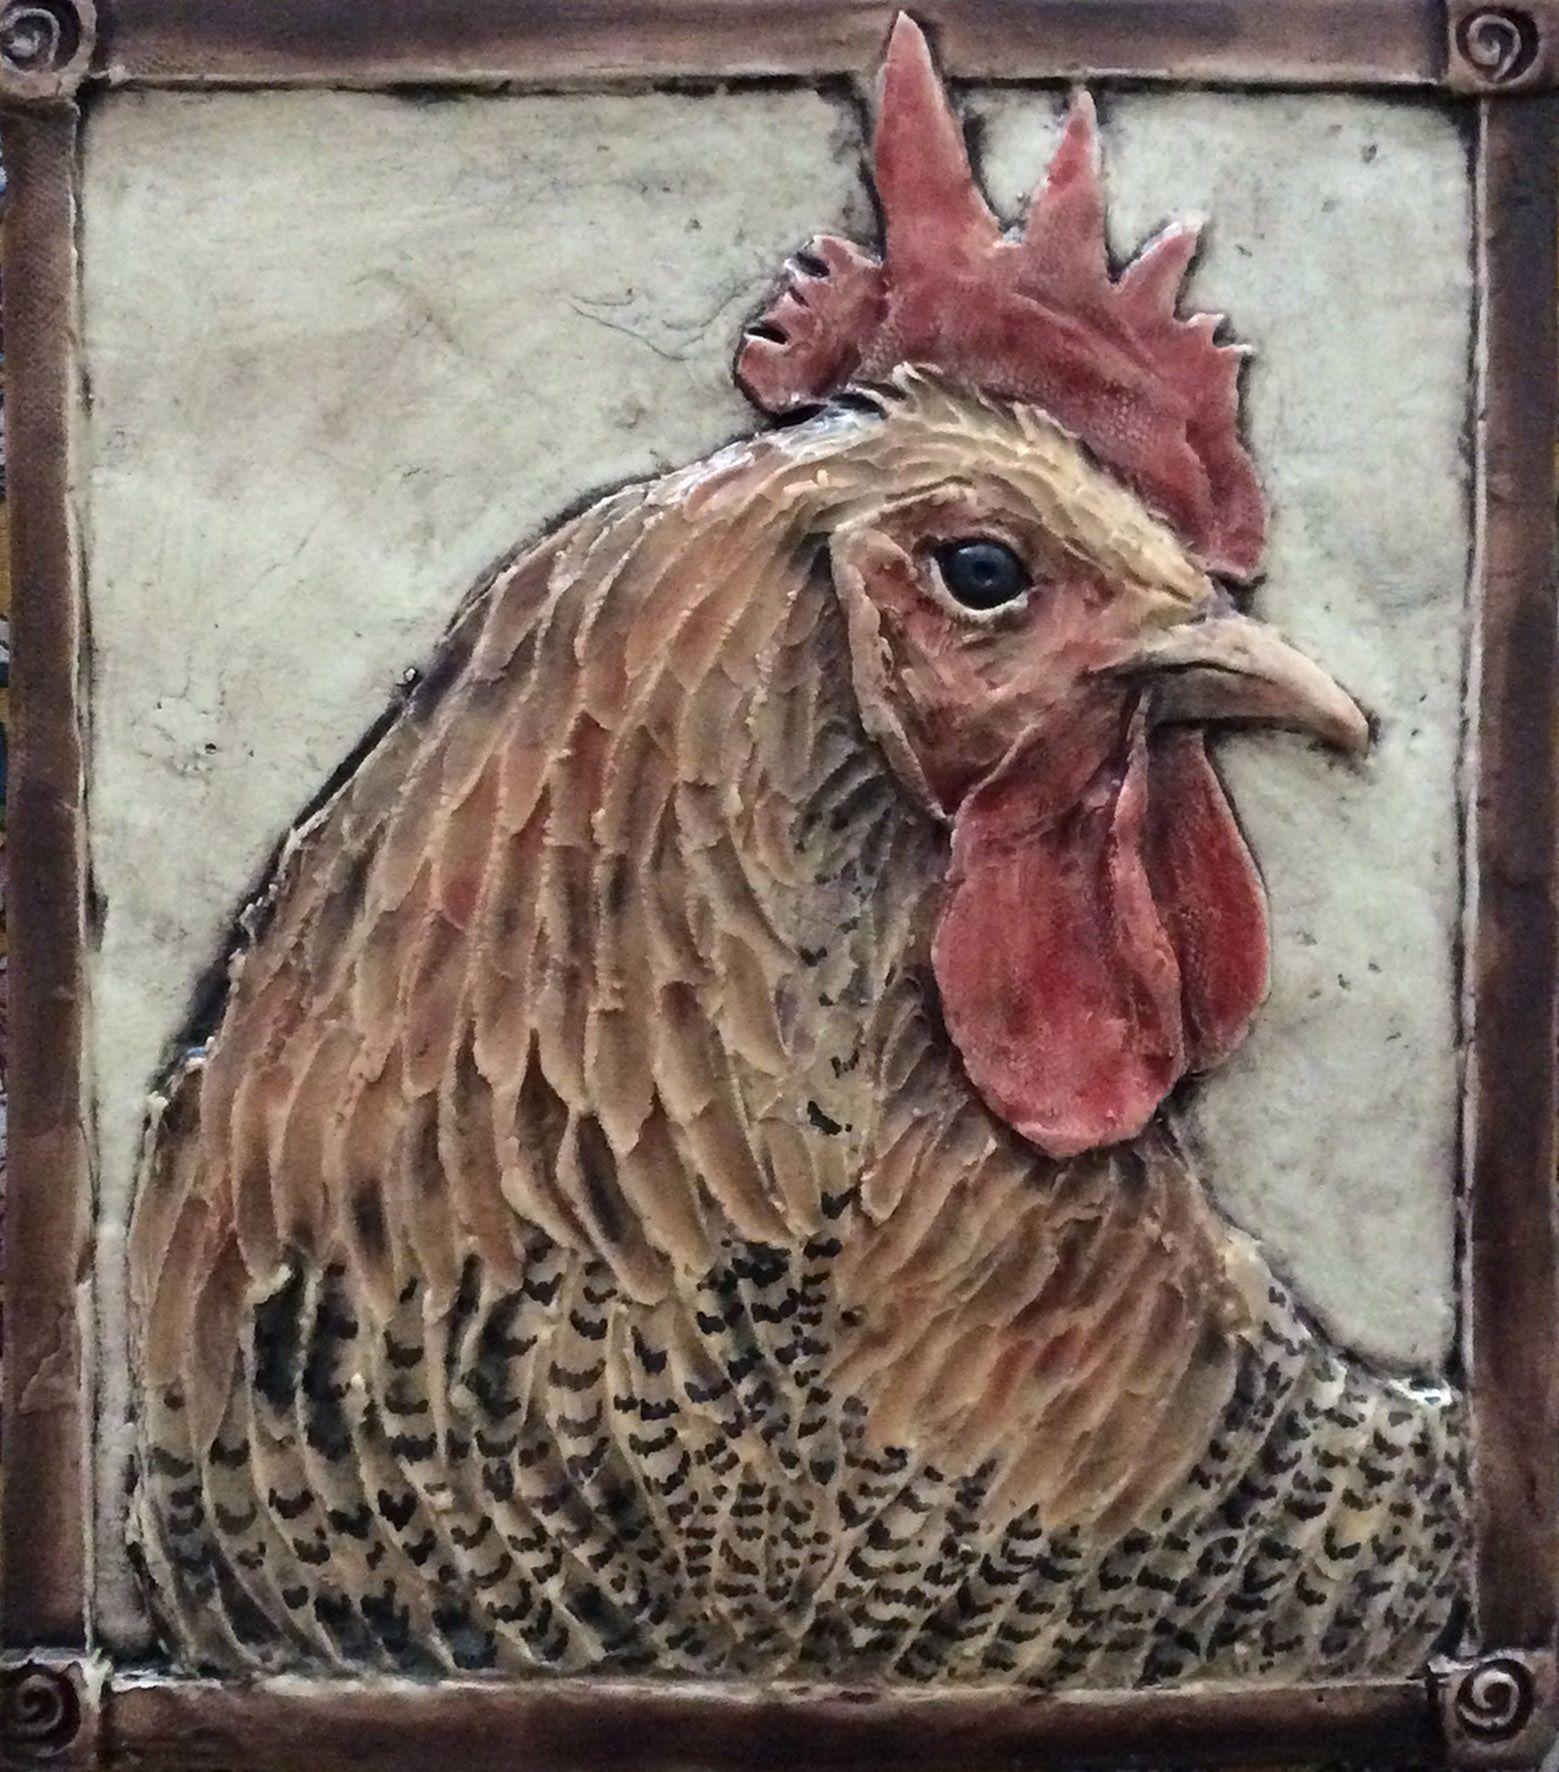 - Handcrafted Rooster Tile For Kitchen/bathroom Backsplash 8.5